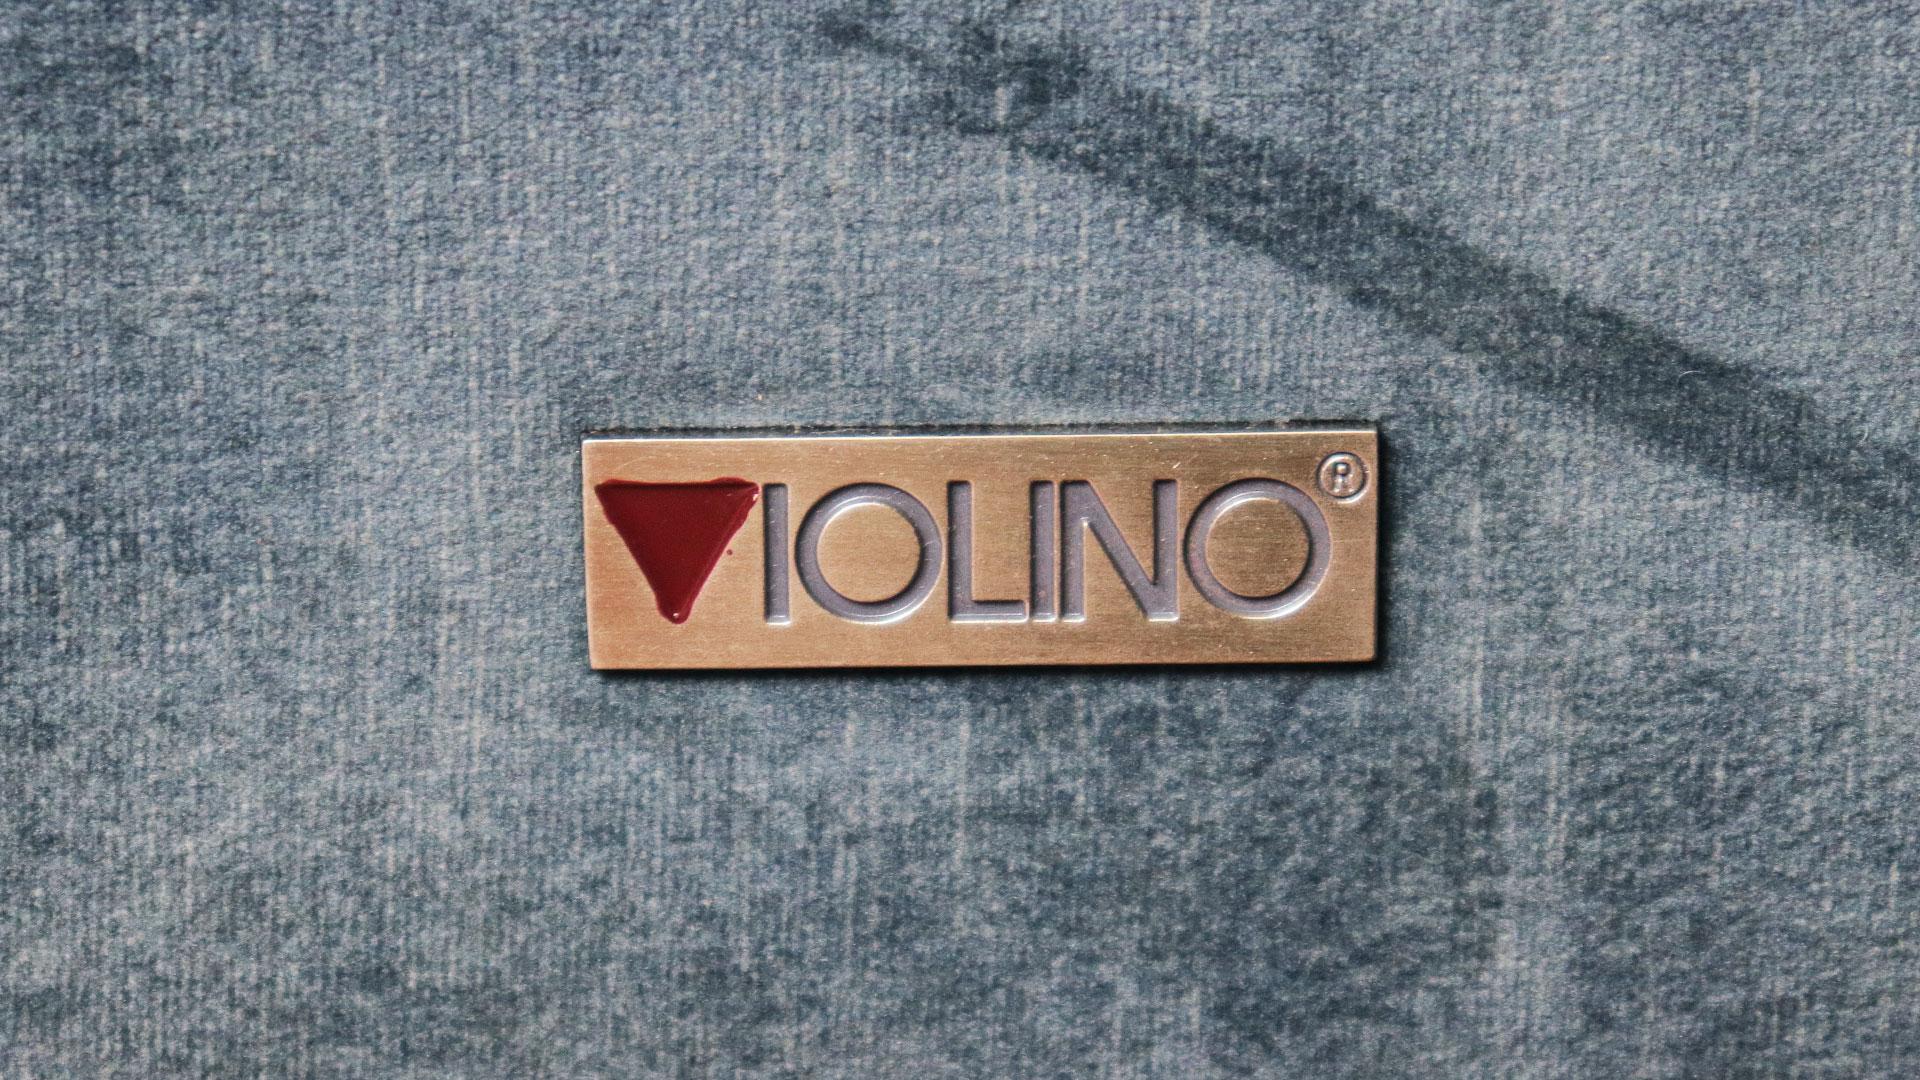 バイオリ―ノ社の欧米向けのオリジナルソファ。ベルベッド生地を使用した高級ソファ。フラヴィオのブランドロゴのアップ画像